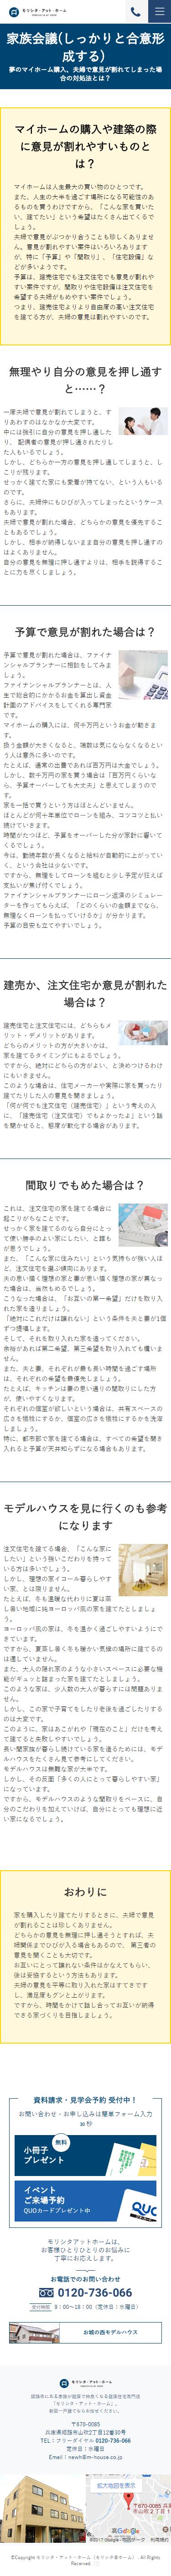 株式会社モリシタ・アット・ホーム様4